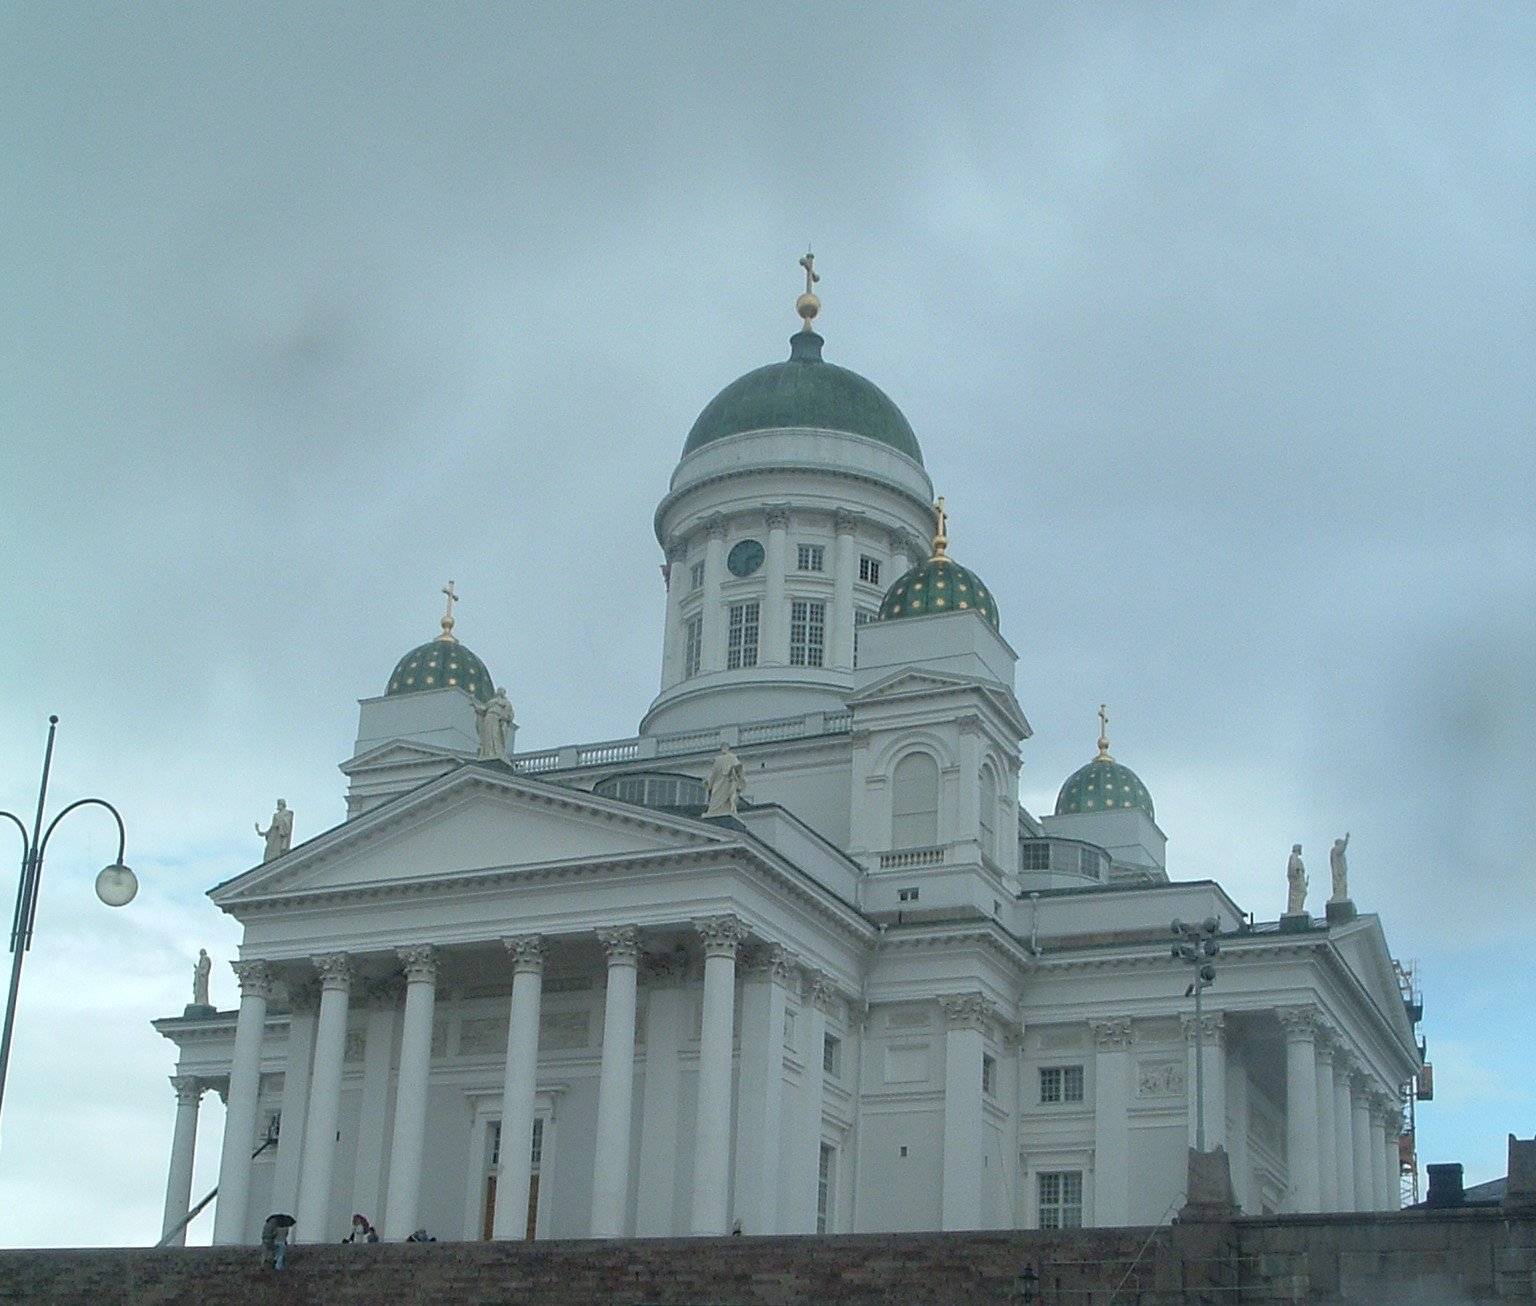 Собор Святого Николая, Хельсинки, Финляндия. Июль, 2005